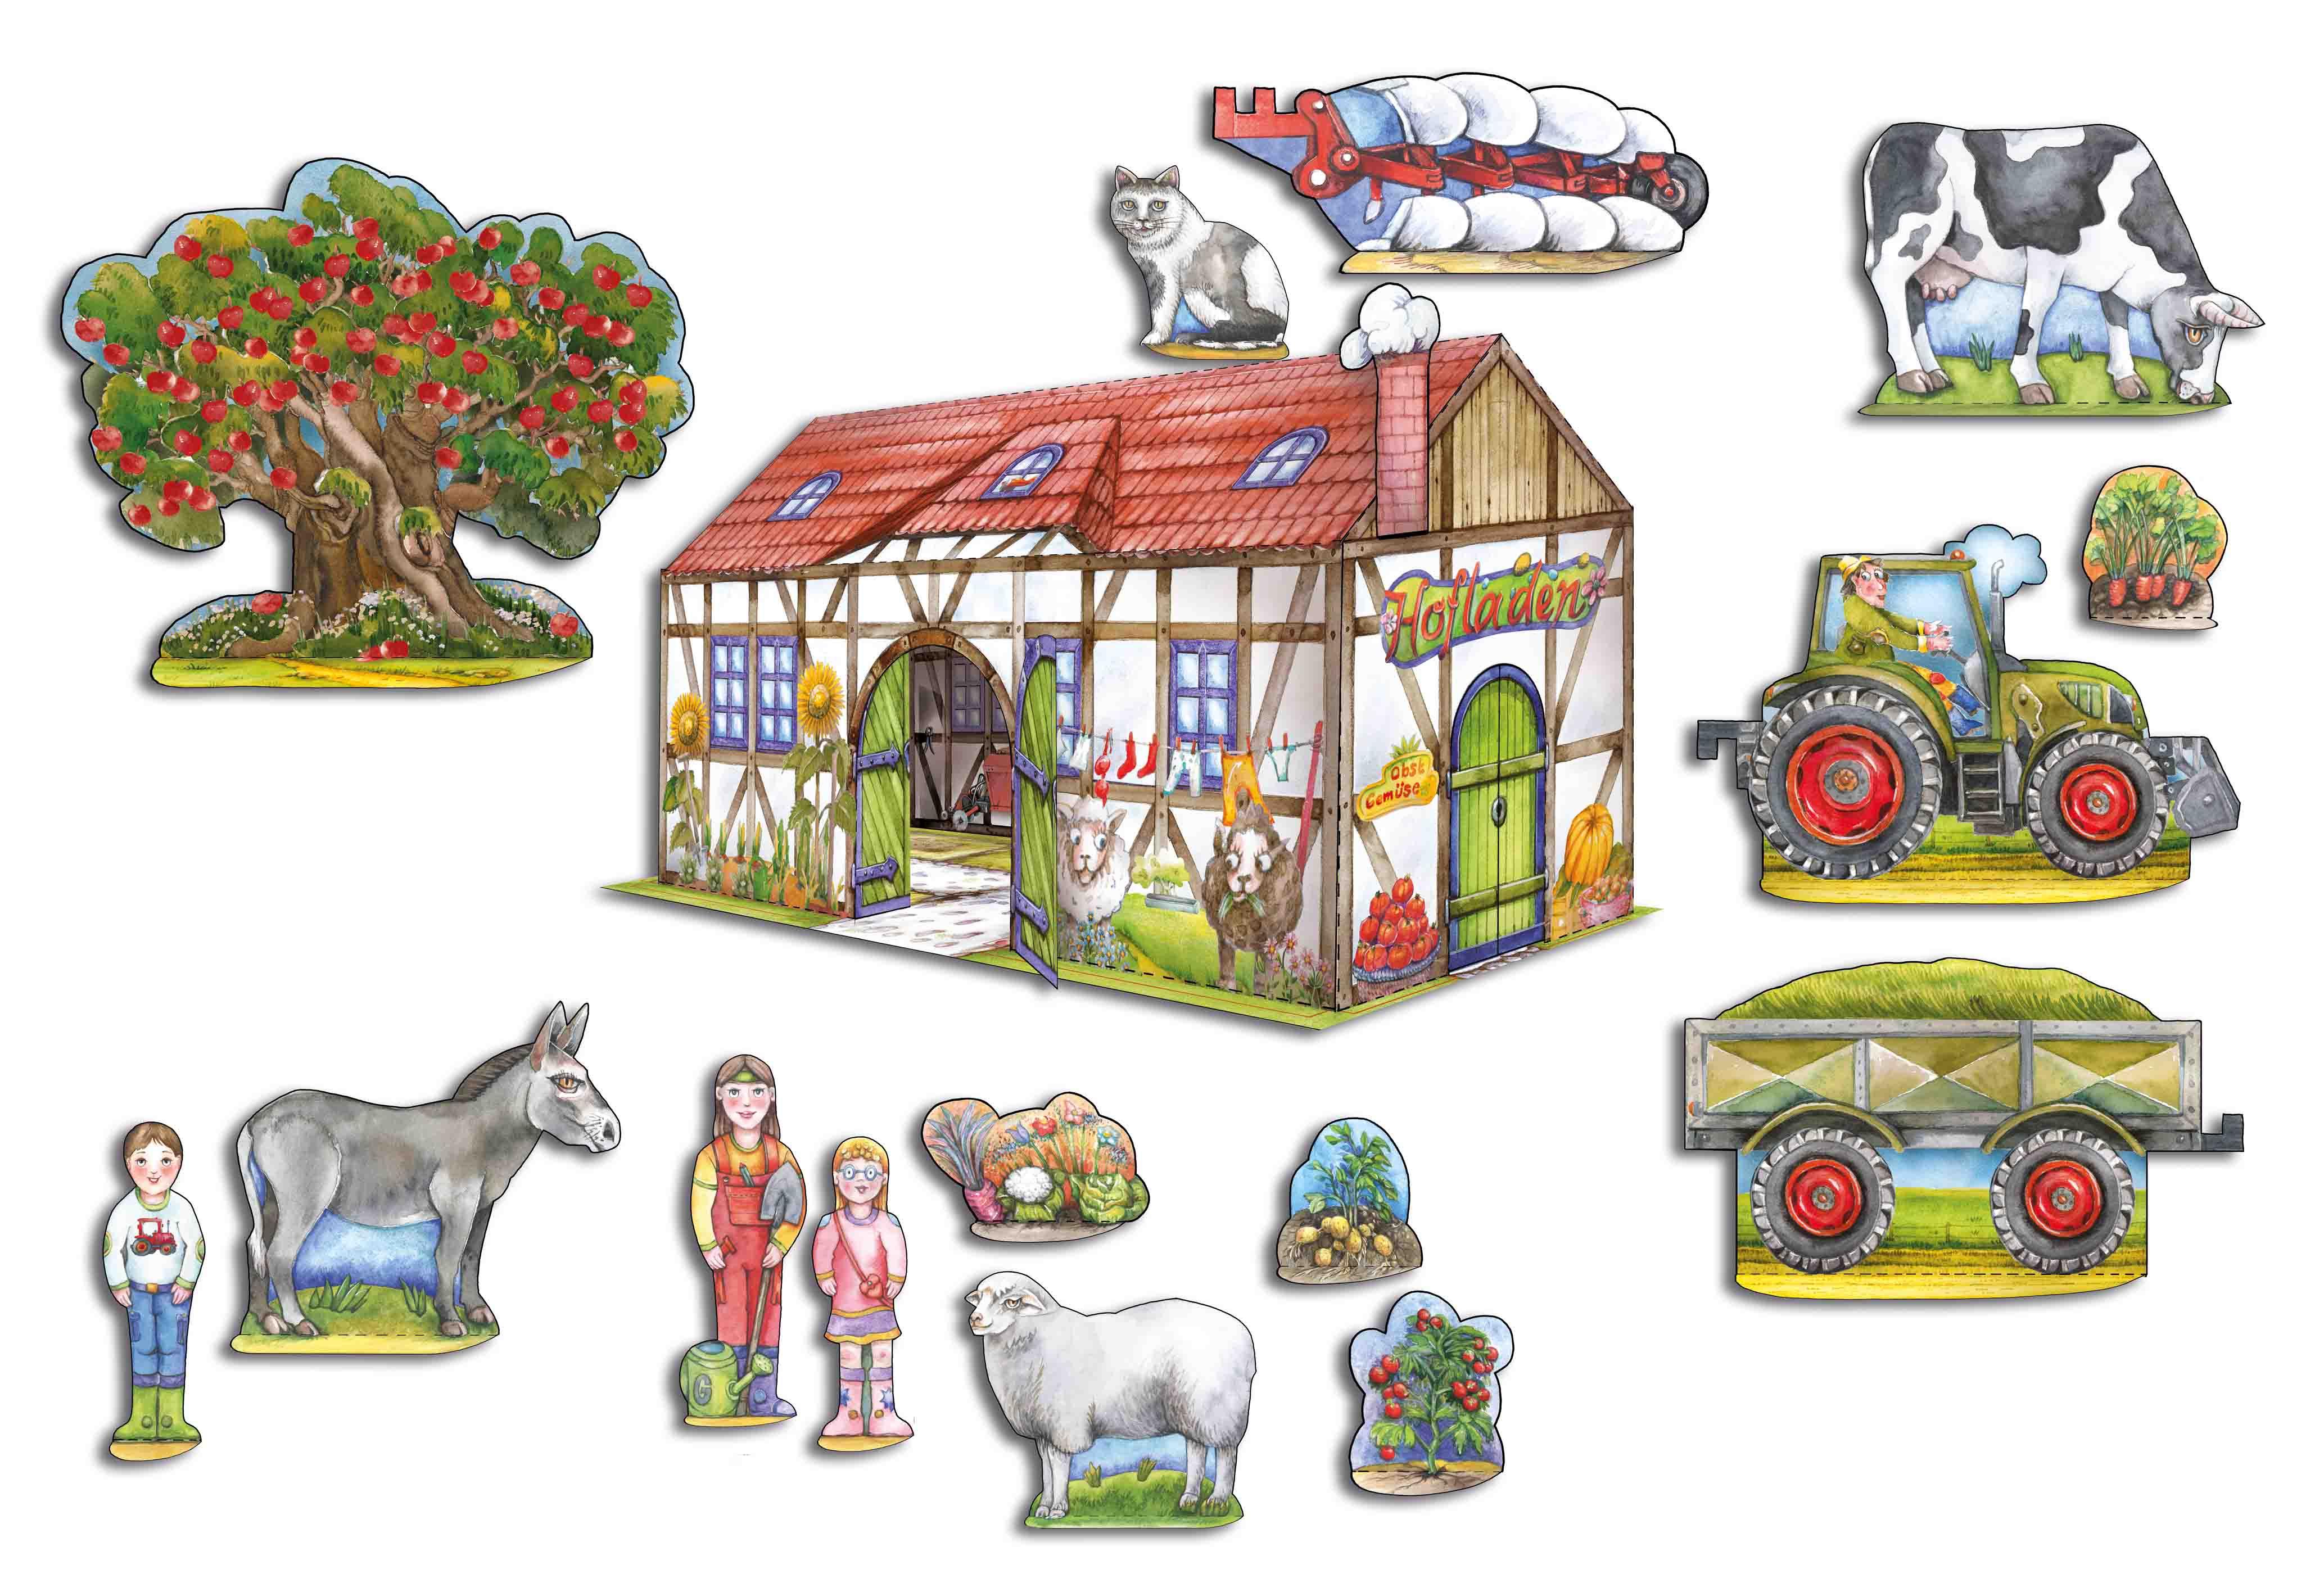 Bauernhof Bastelbogen basteln mit Kindern aus Papier Traktor und Tiere